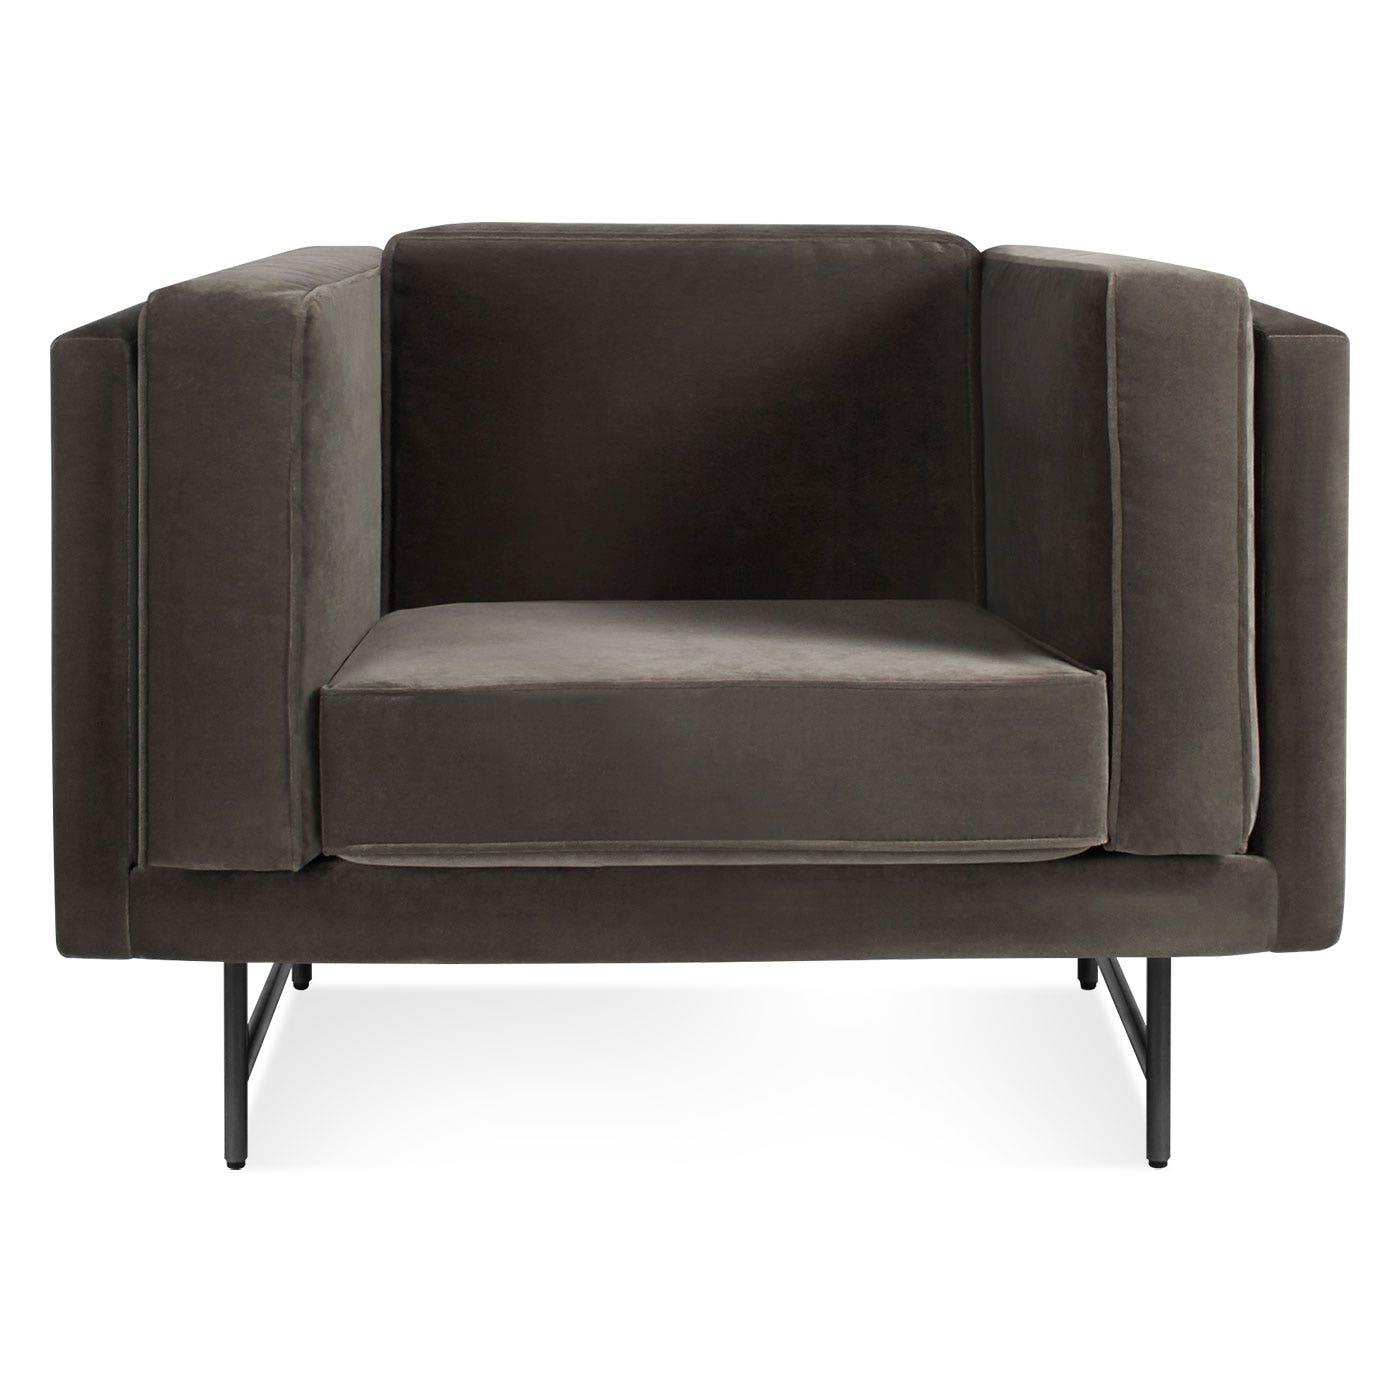 Bank Modern Mink Velvet Lounge Chair - Modern Chairs - Blu Dot